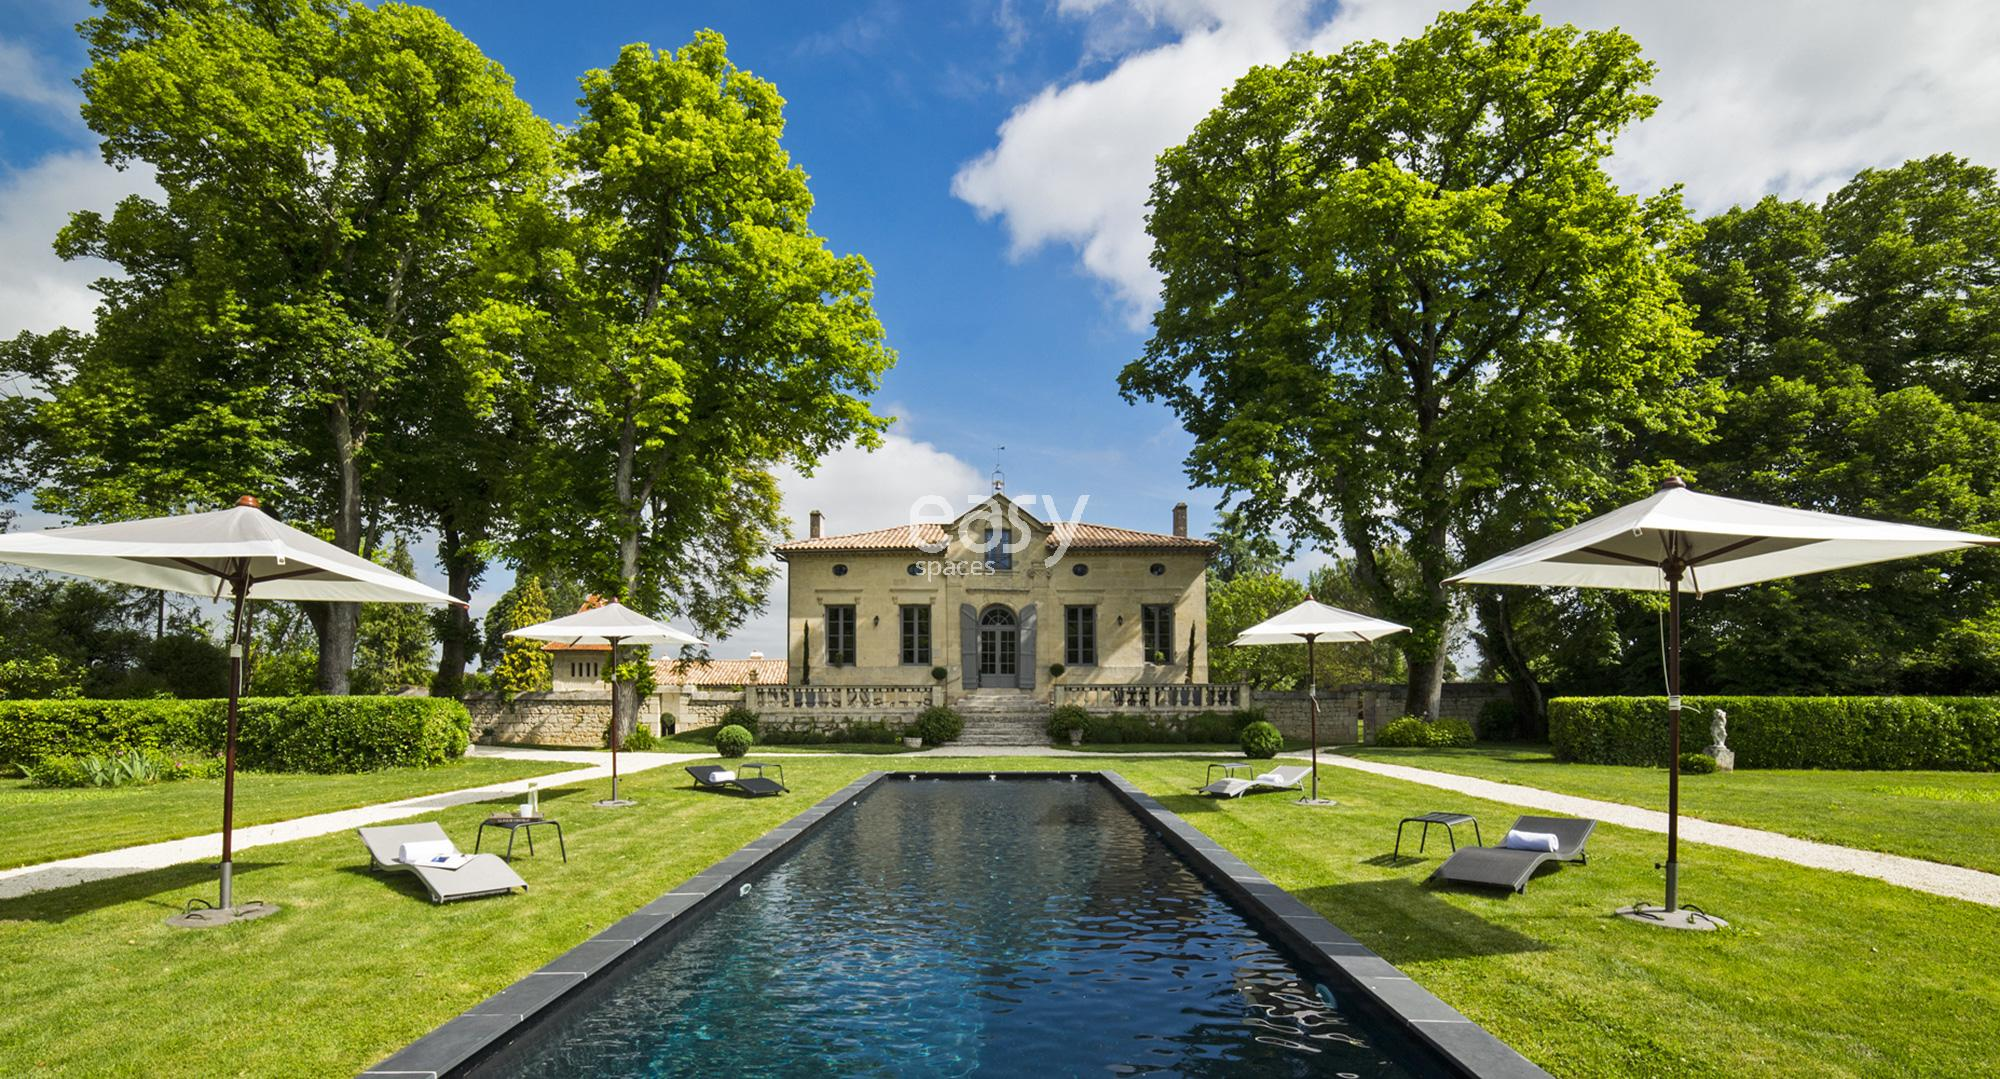 location lieux de tournage Bordeaux sud ouest france